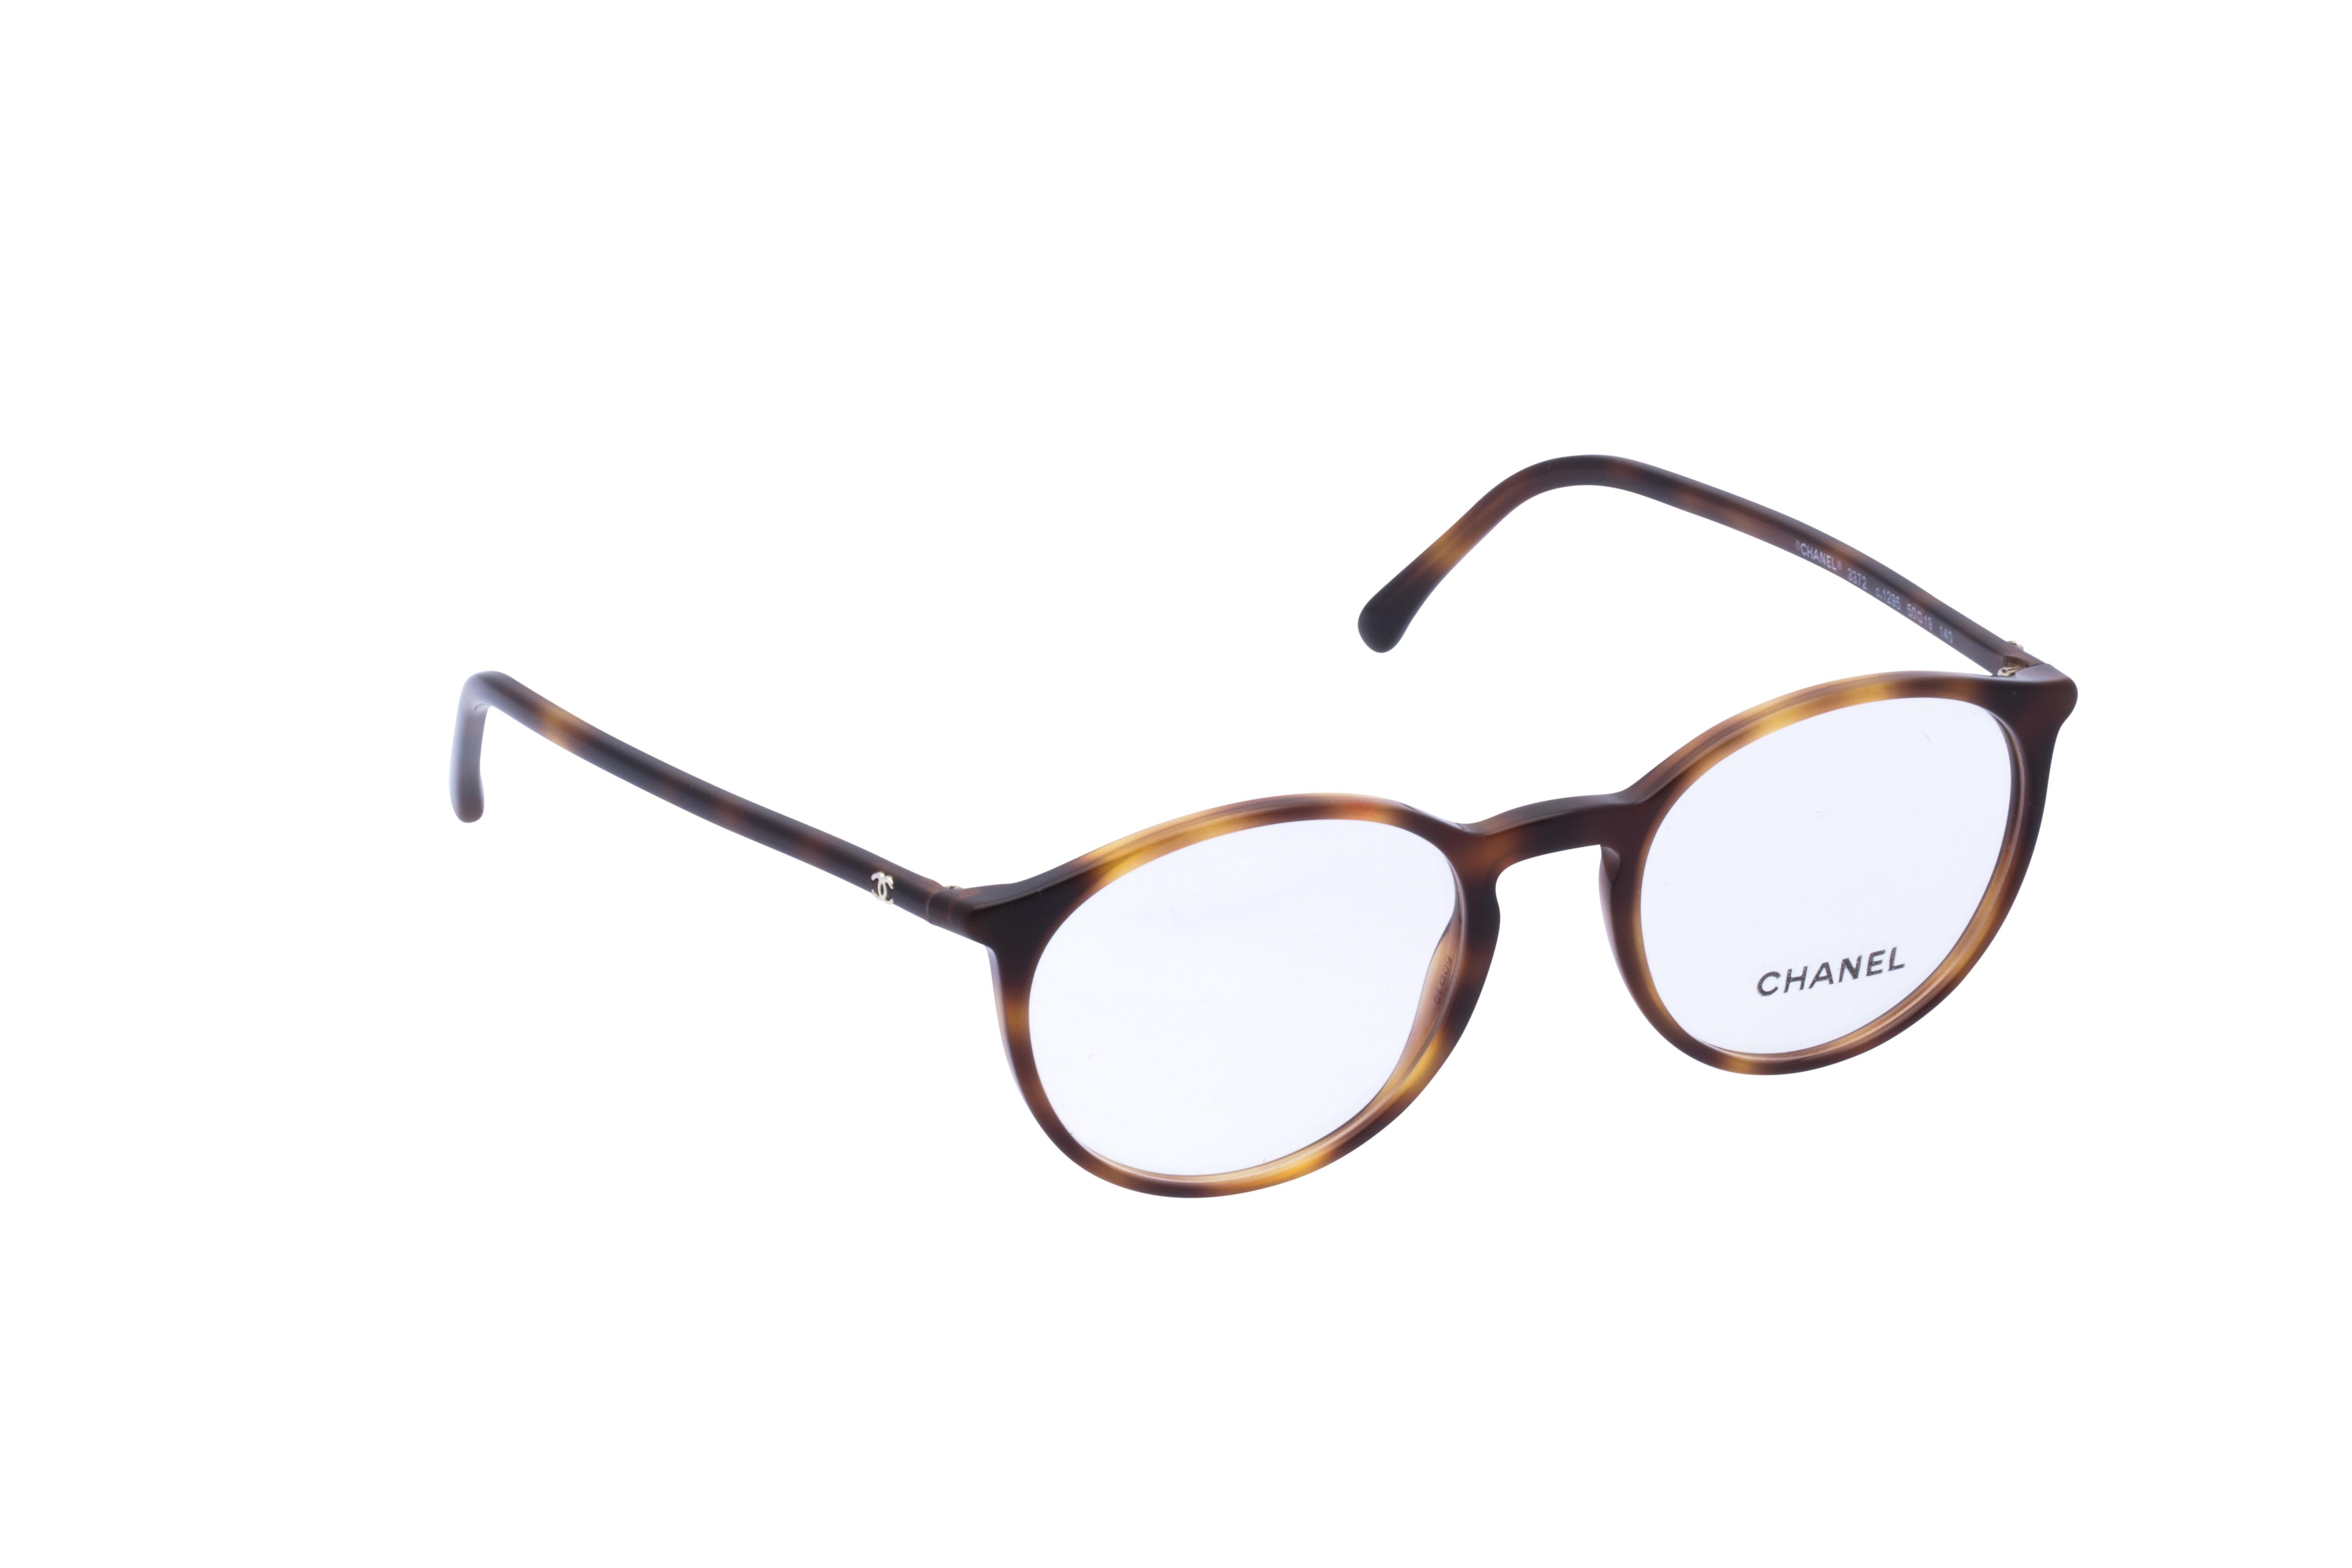 360 Grad Ansicht 2 Chanel 3372 Frontansicht, Brille auf Weiß - Fassung bei KUNK